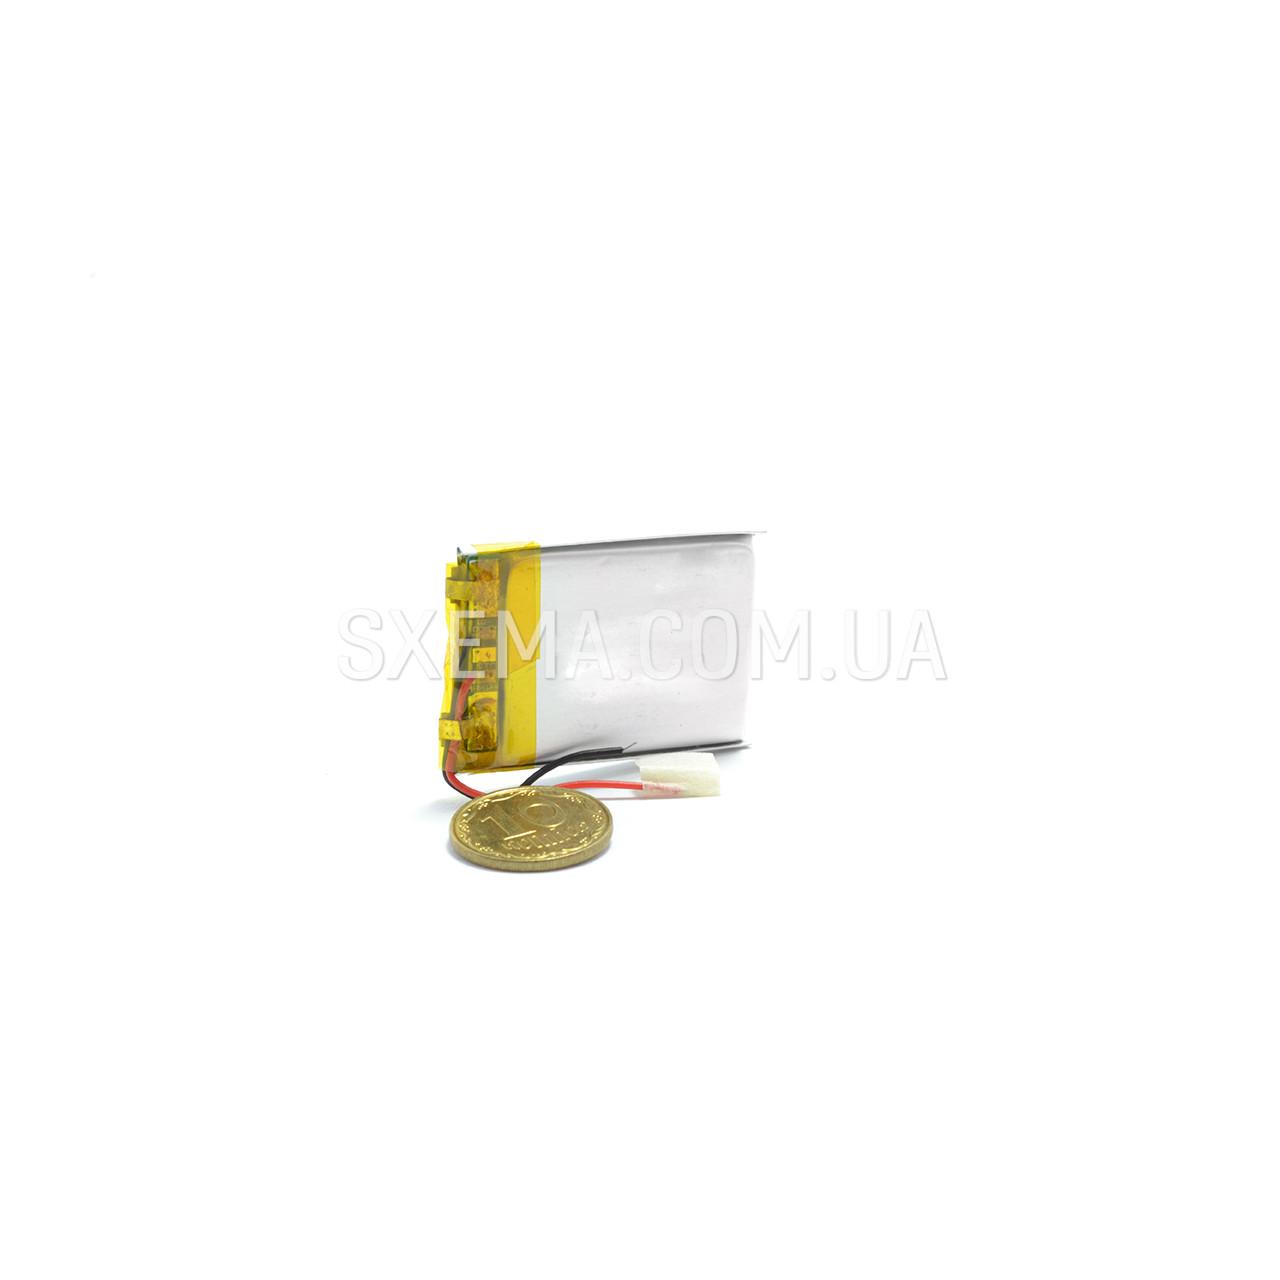 Аккумулятор универсальный 042530 (Li-ion 3.7В 350мА·ч), (30*25*4 мм)